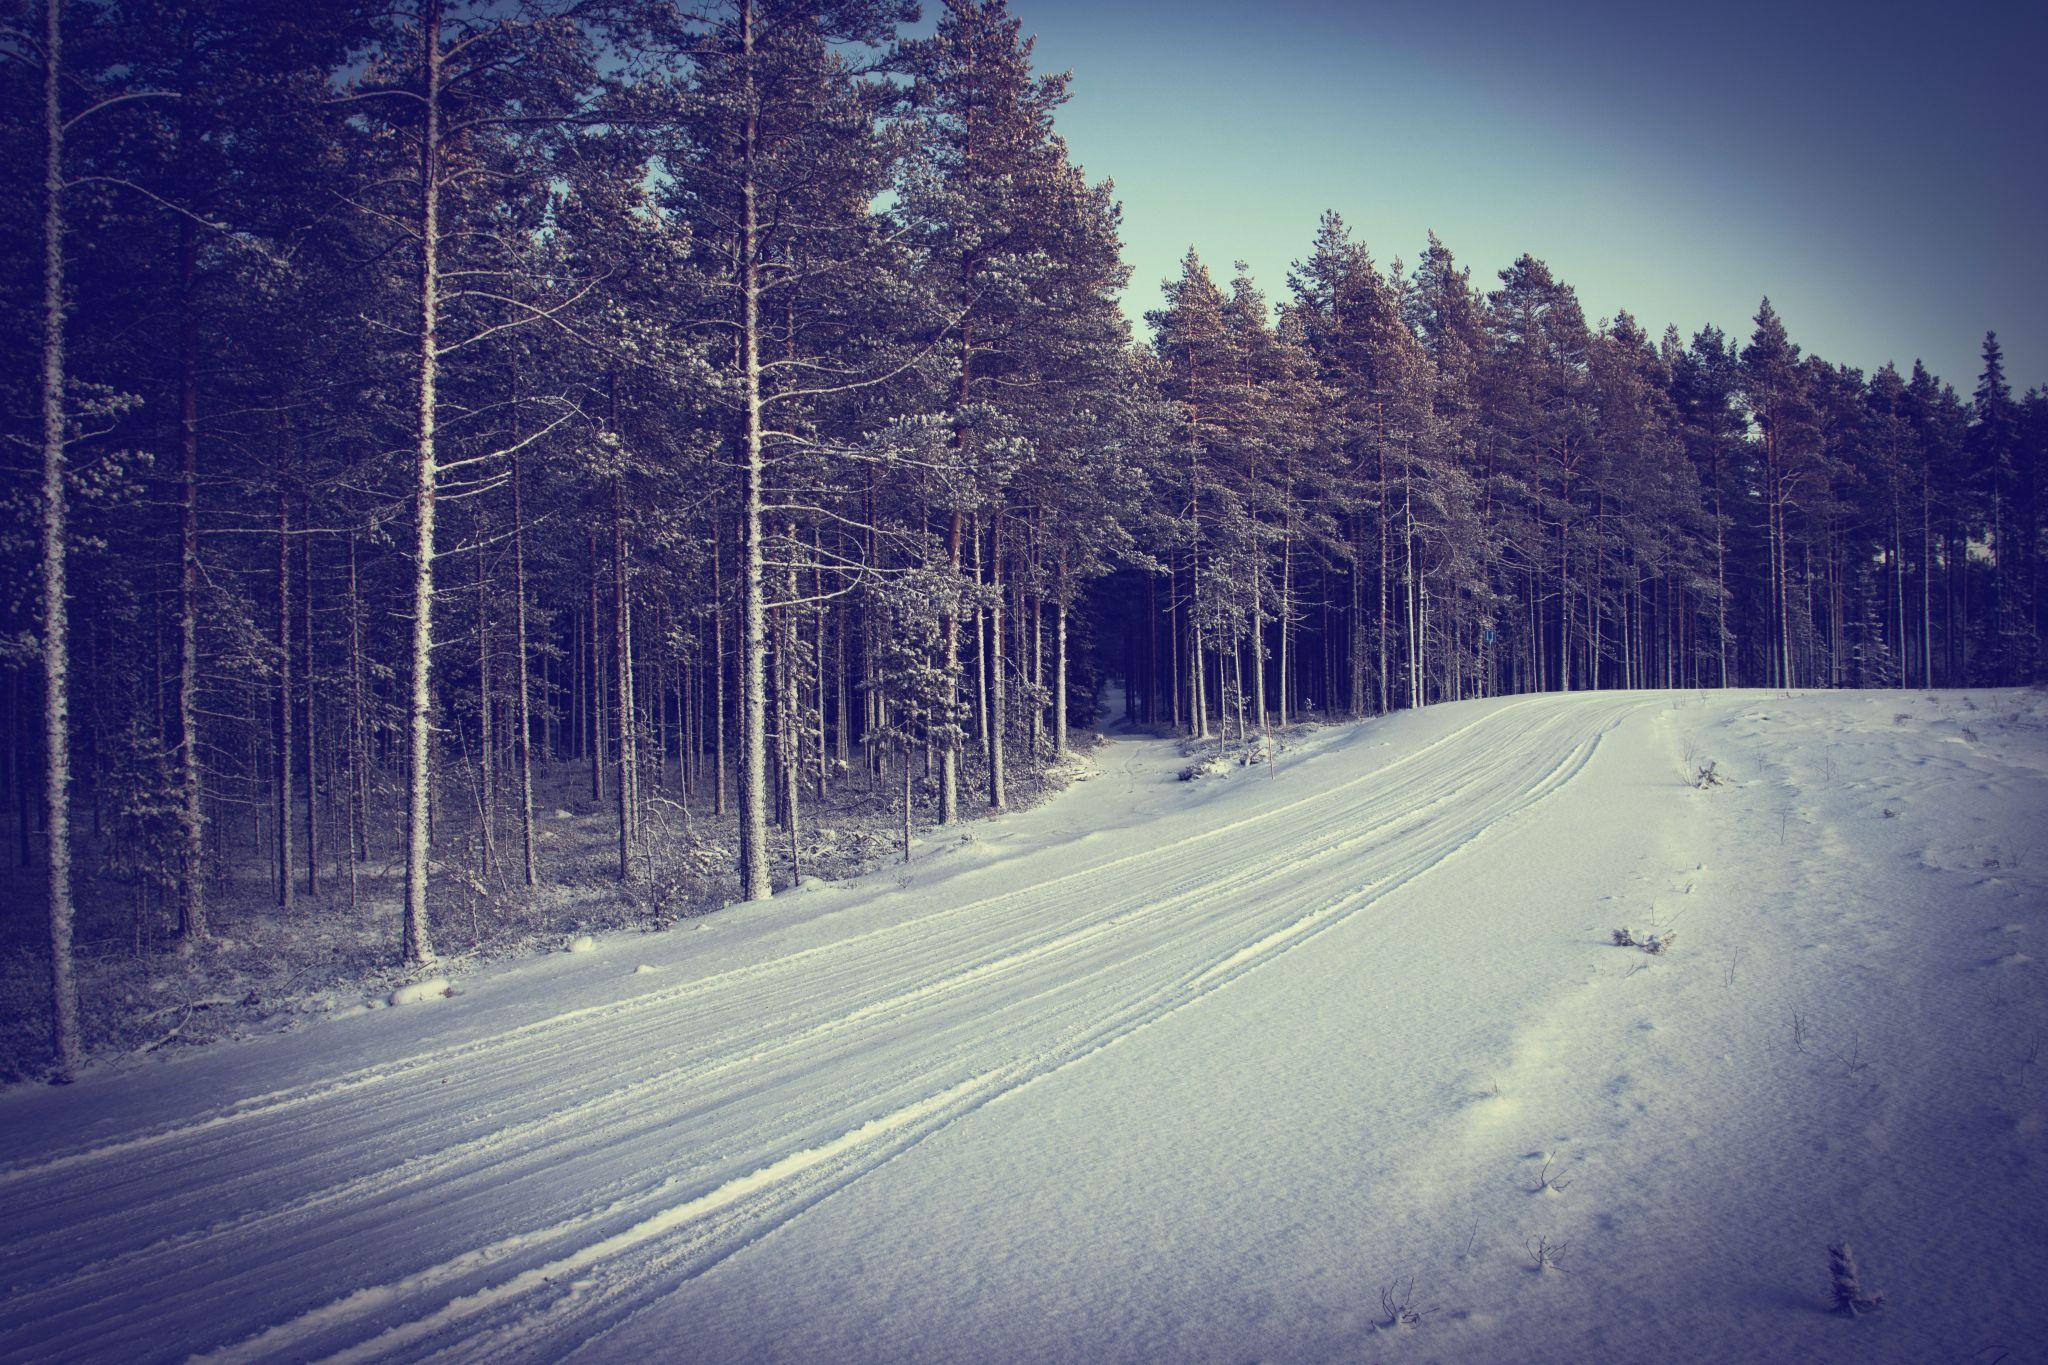 Winter in Oulu, Finland